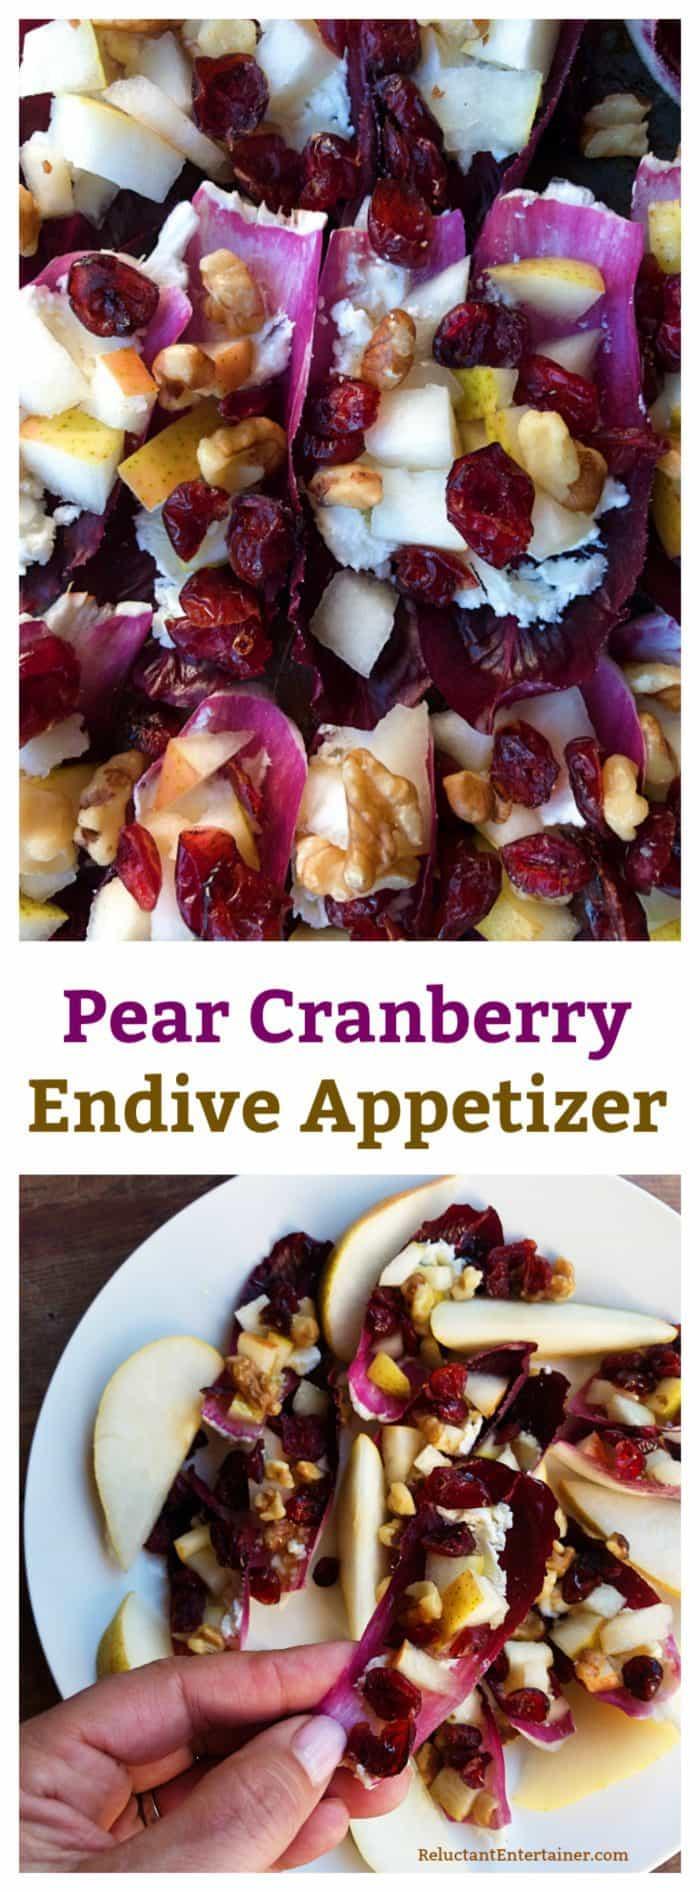 Pear Cranberry Endive Appetizer